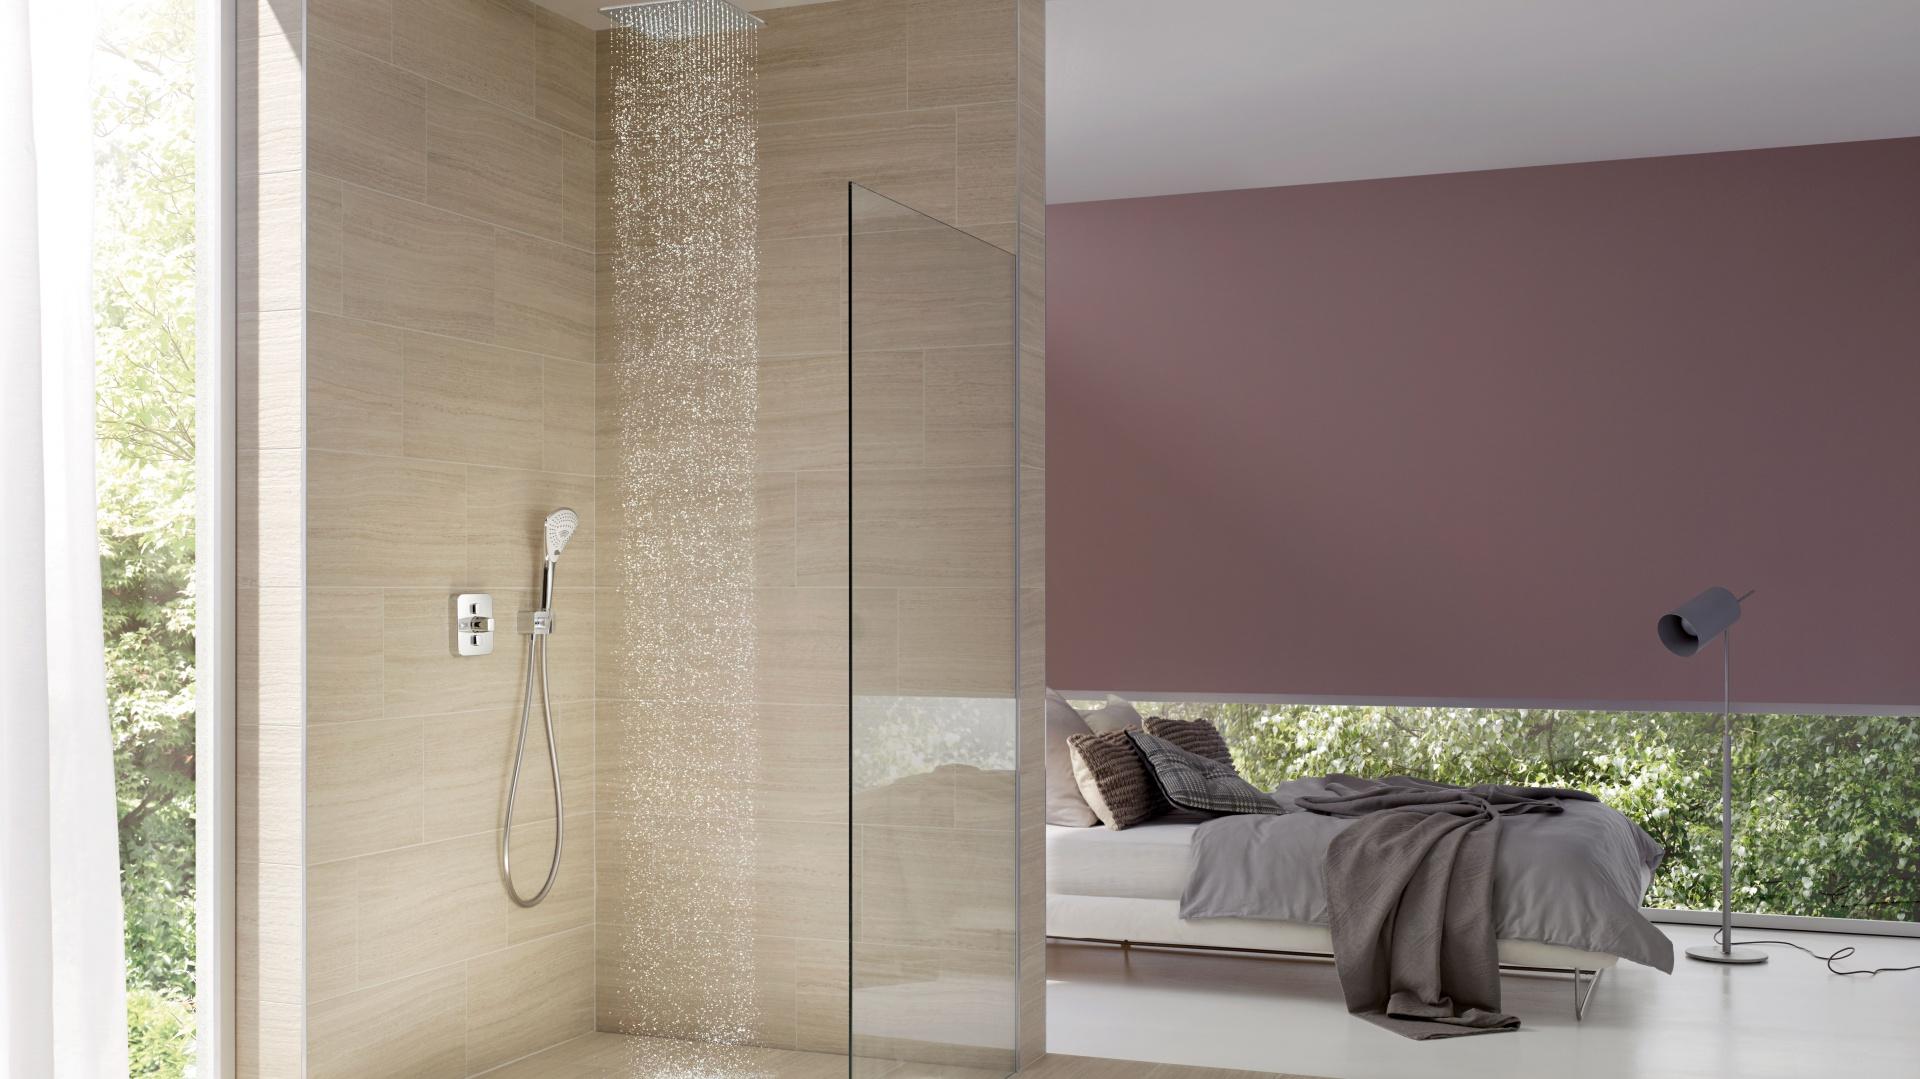 Moda na małe łazienki owocuje niestandardowymi rozwiązaniami. Co powiecie na prysznic, który jest integralną częścią sypialni? Fot. Kludi